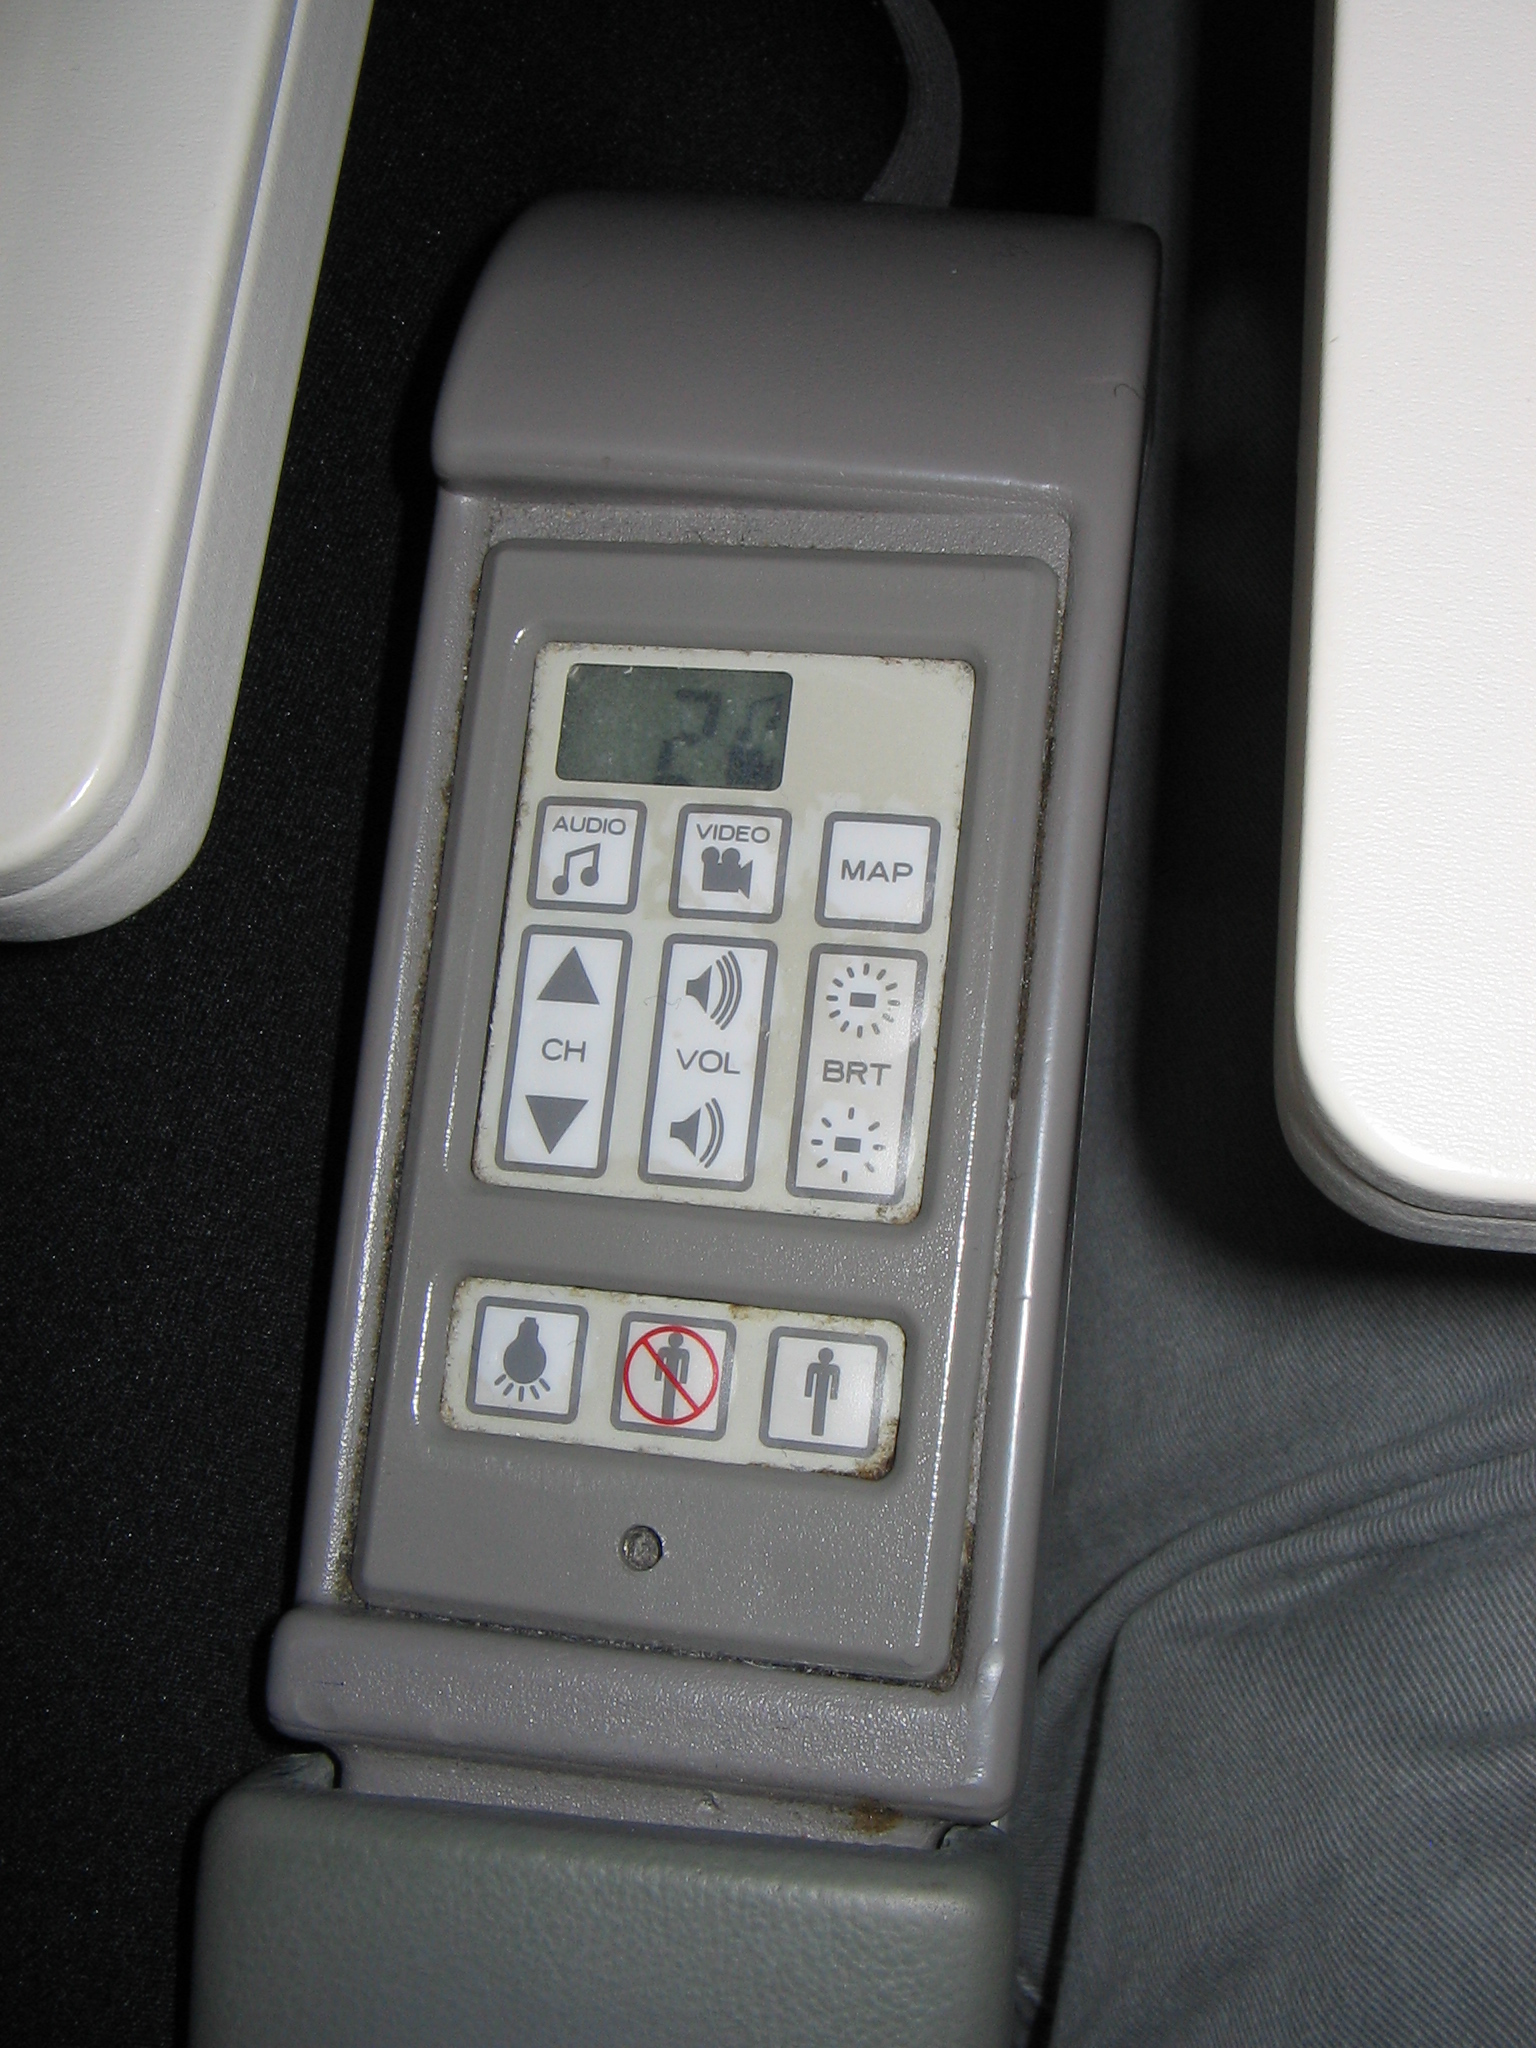 In-flight entertainment - Wikipedia